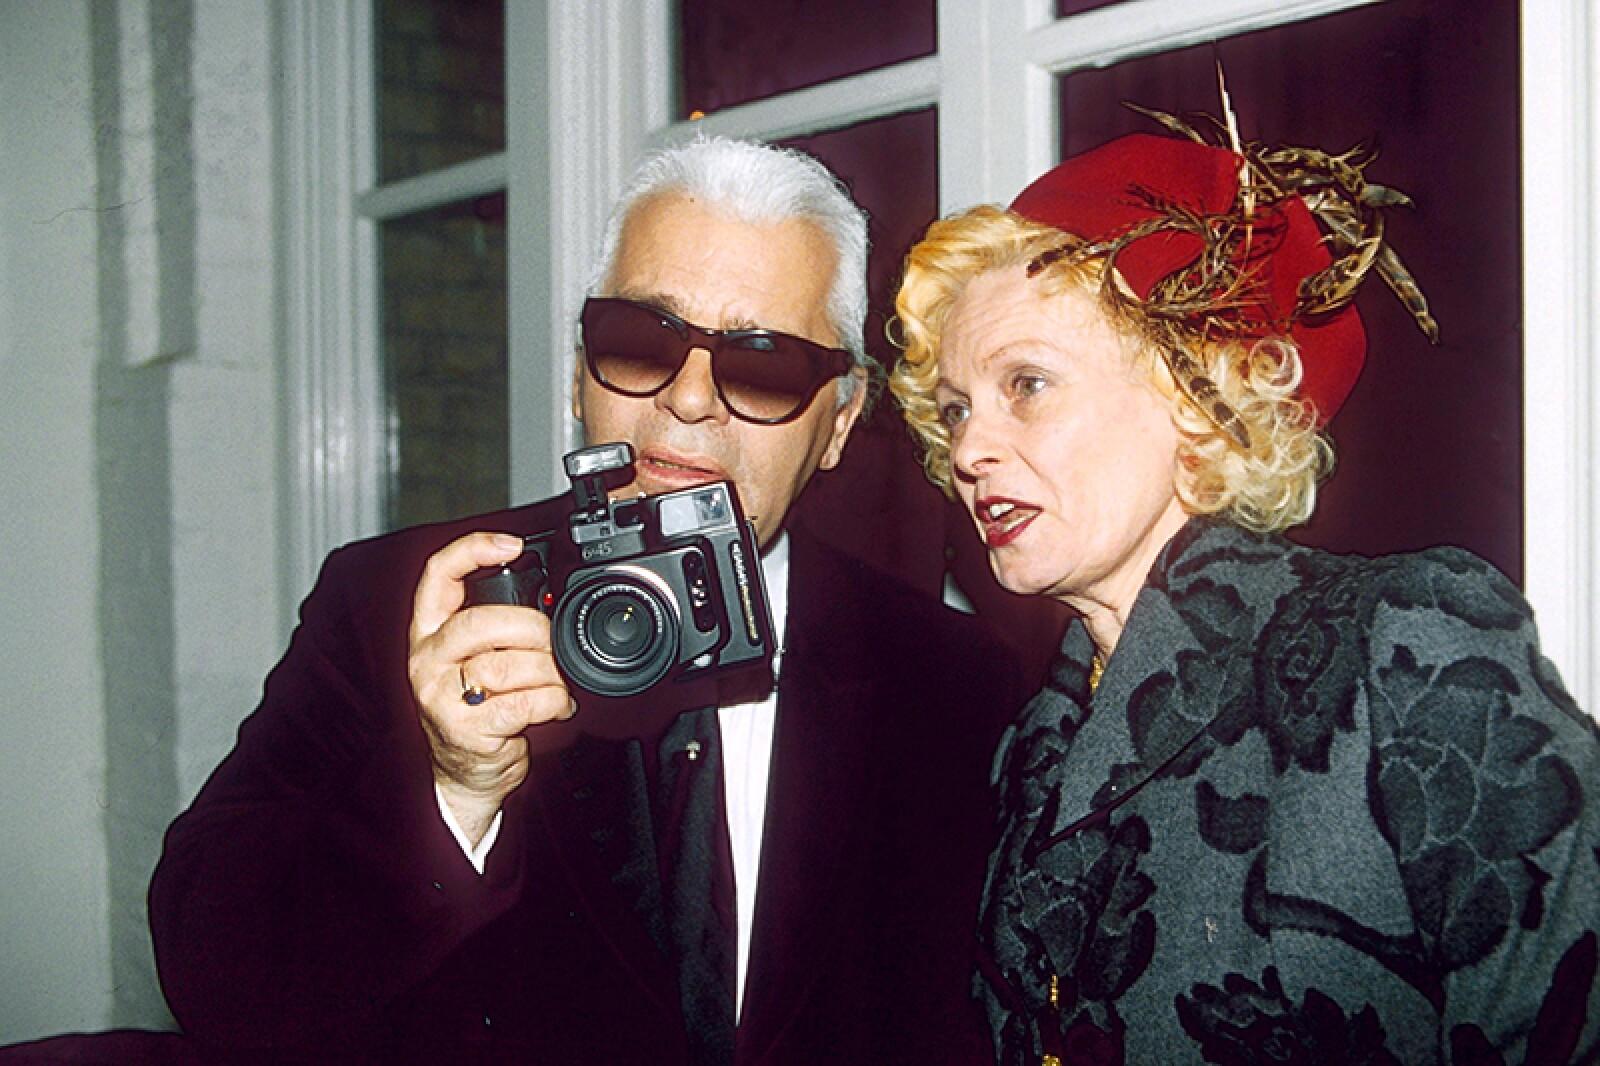 KRISTEN MCMENAMY WEDDING BRITAIN - 1997